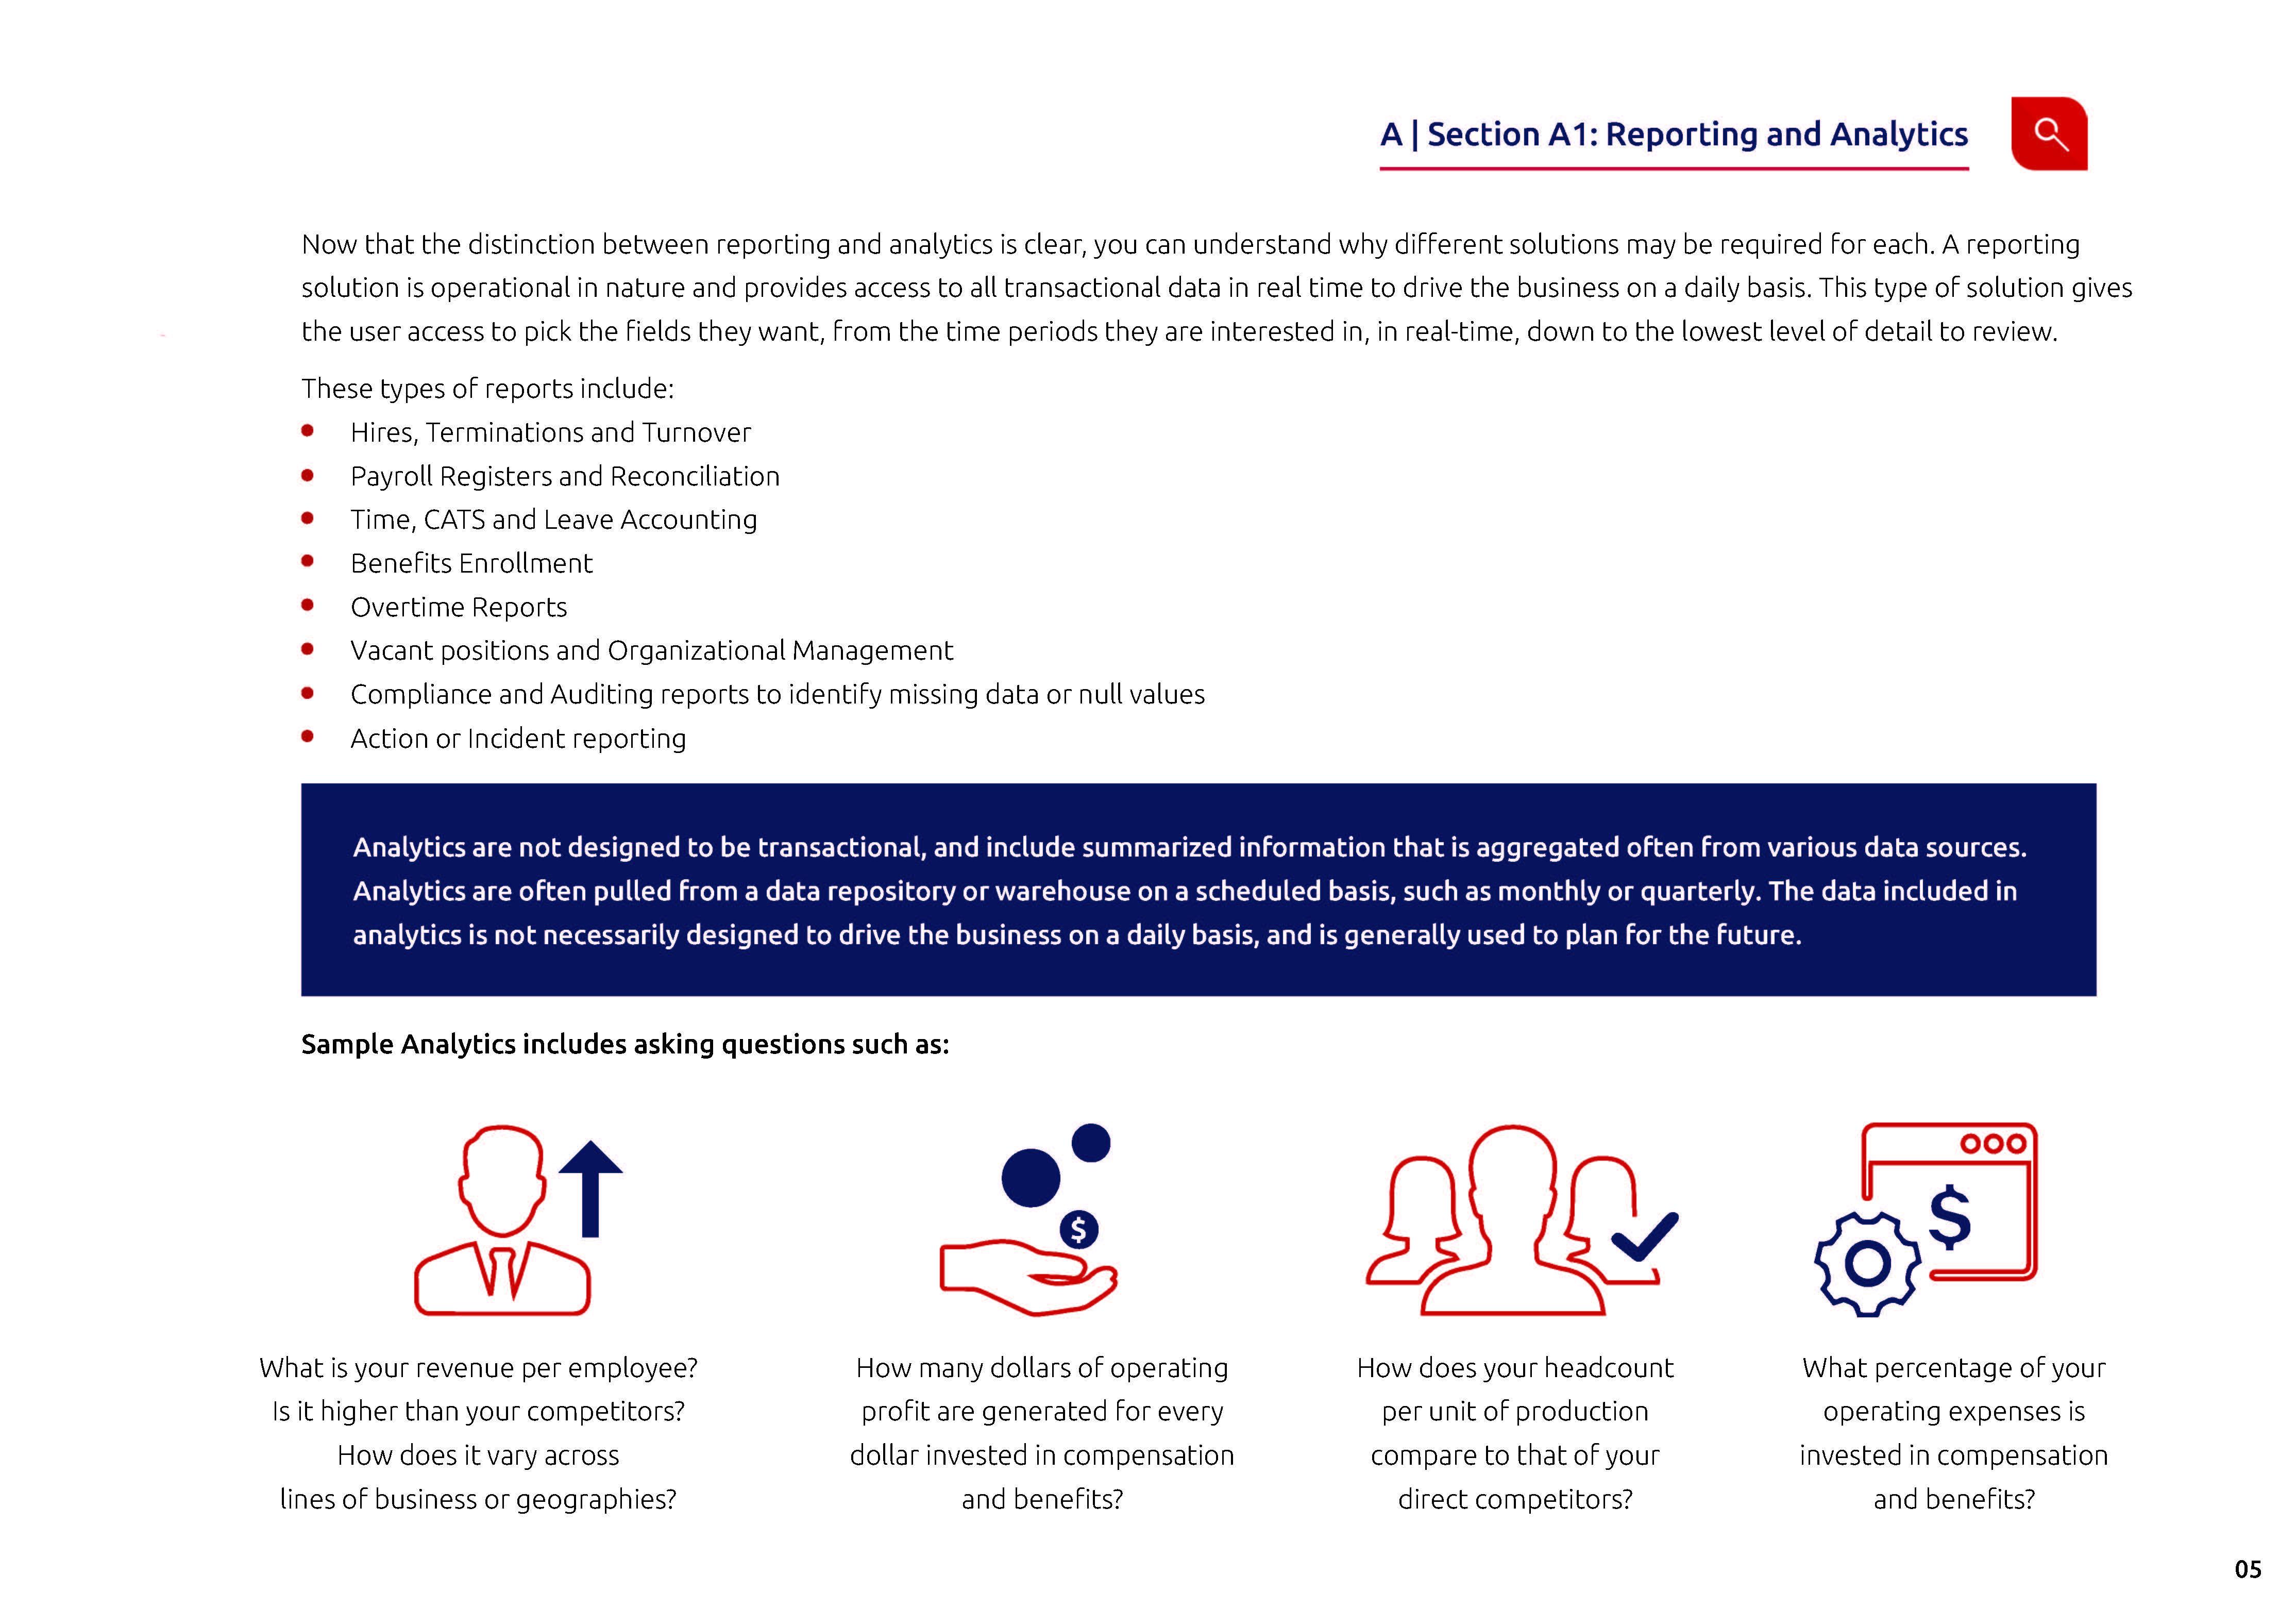 SAP HCM & SuccessFactors customers p7